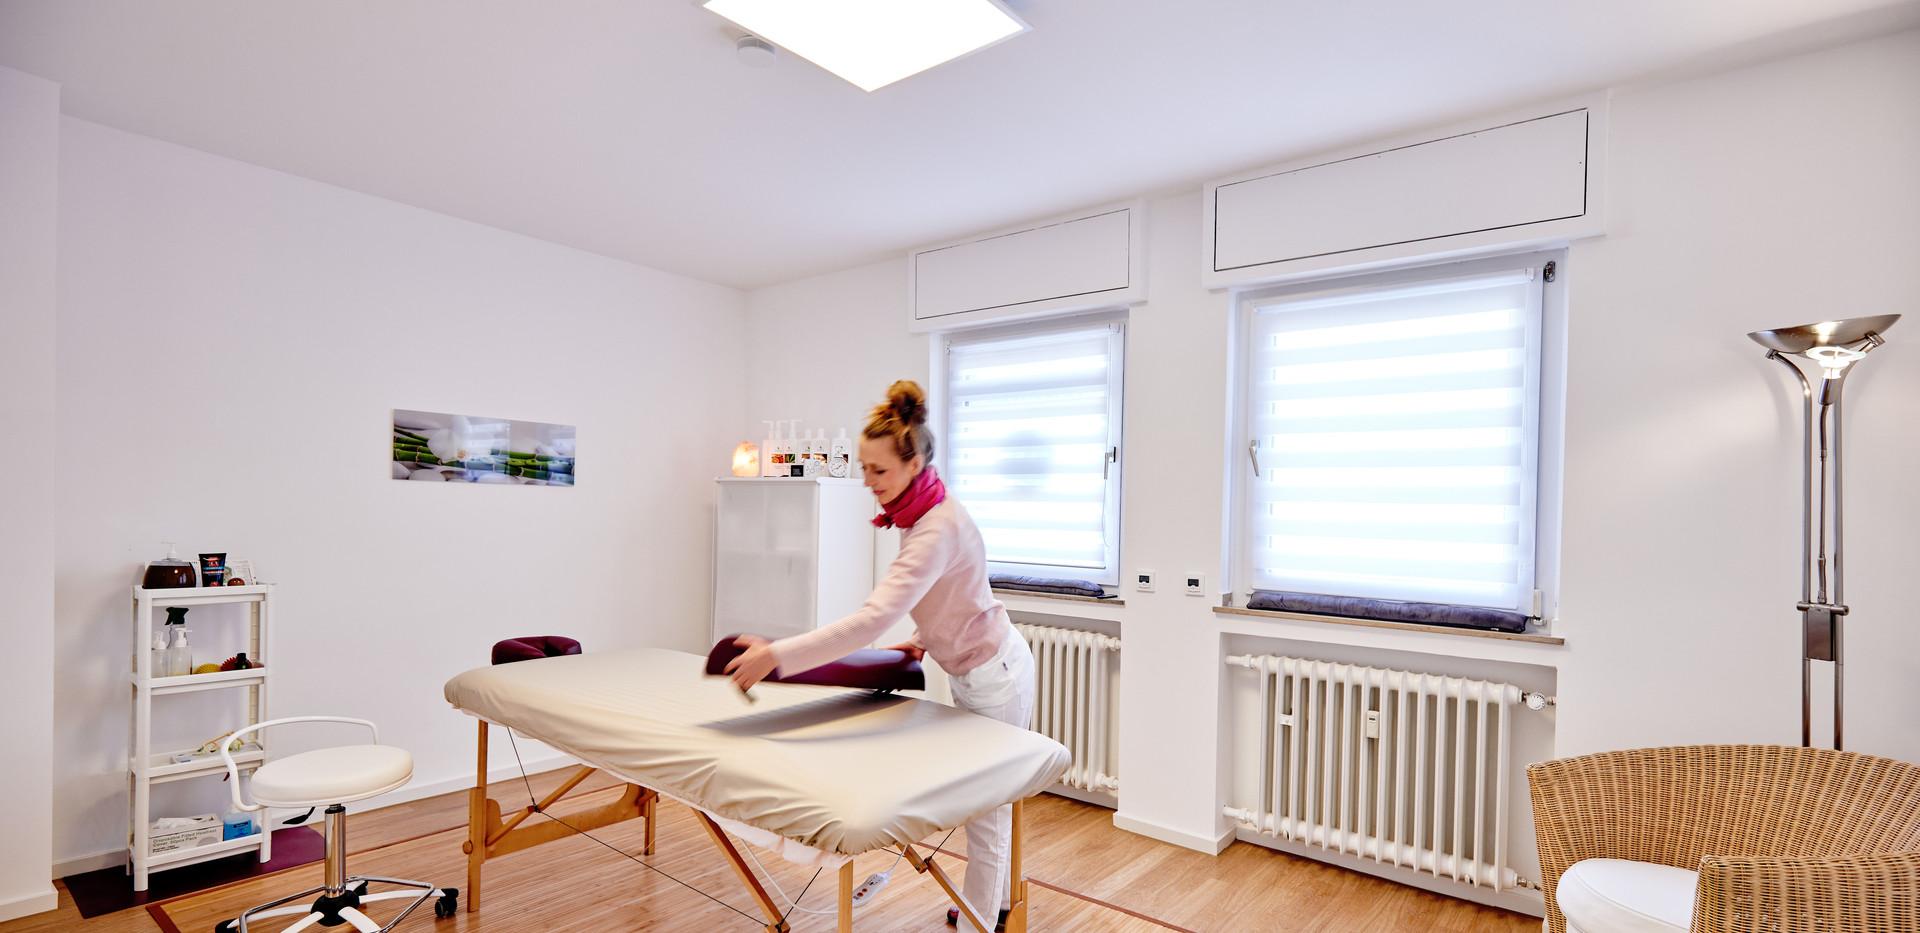 Chiropraxis Schwall, Chiropraktik und Osteopathie in Köln, Massage